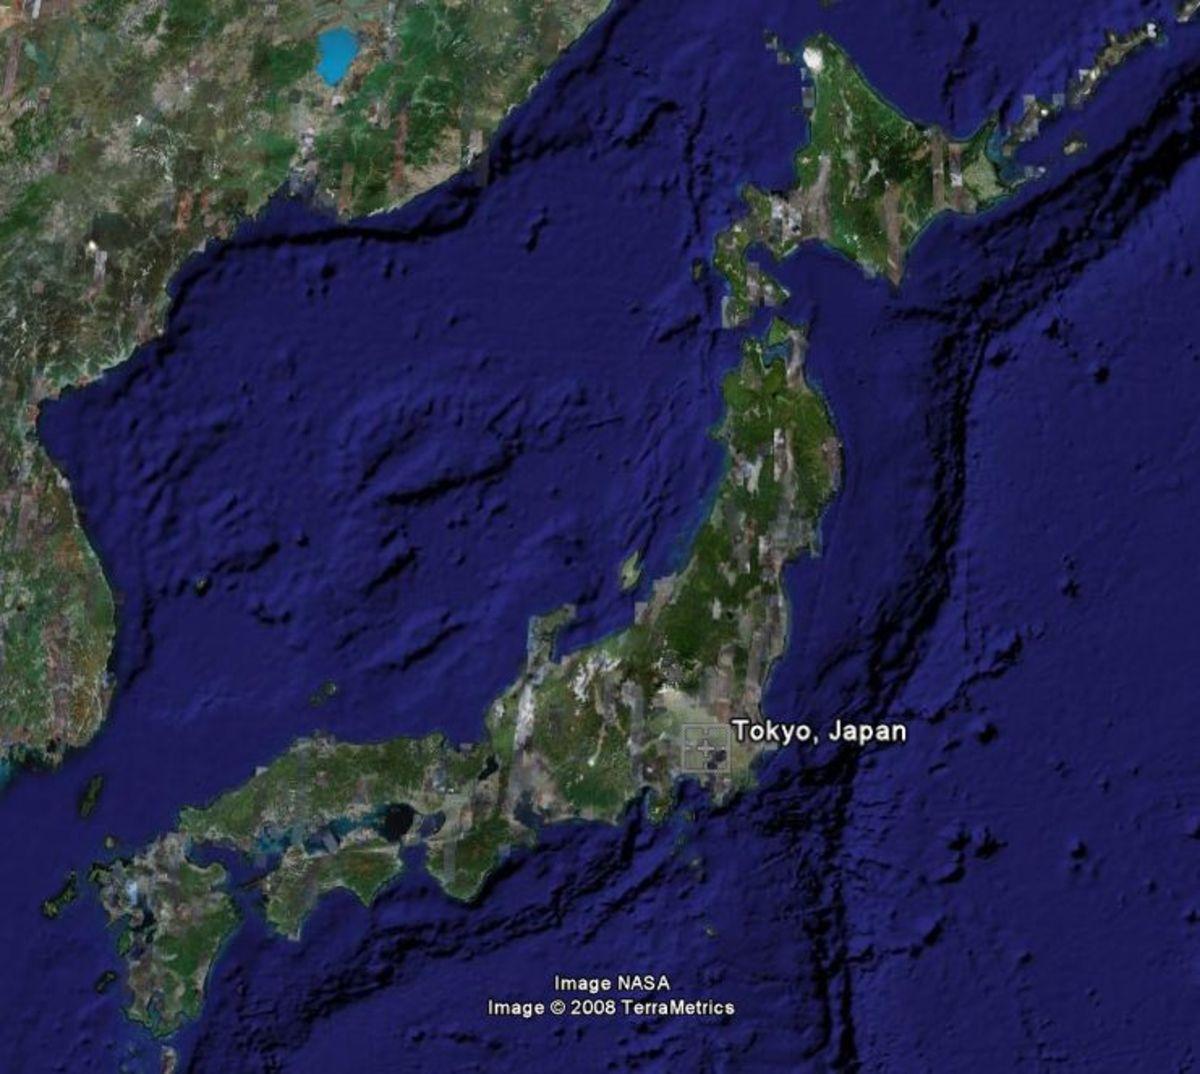 Ισχυρότατος σεισμός 7,3 Ρίχτερ στην Ιαπωνία | Newsit.gr